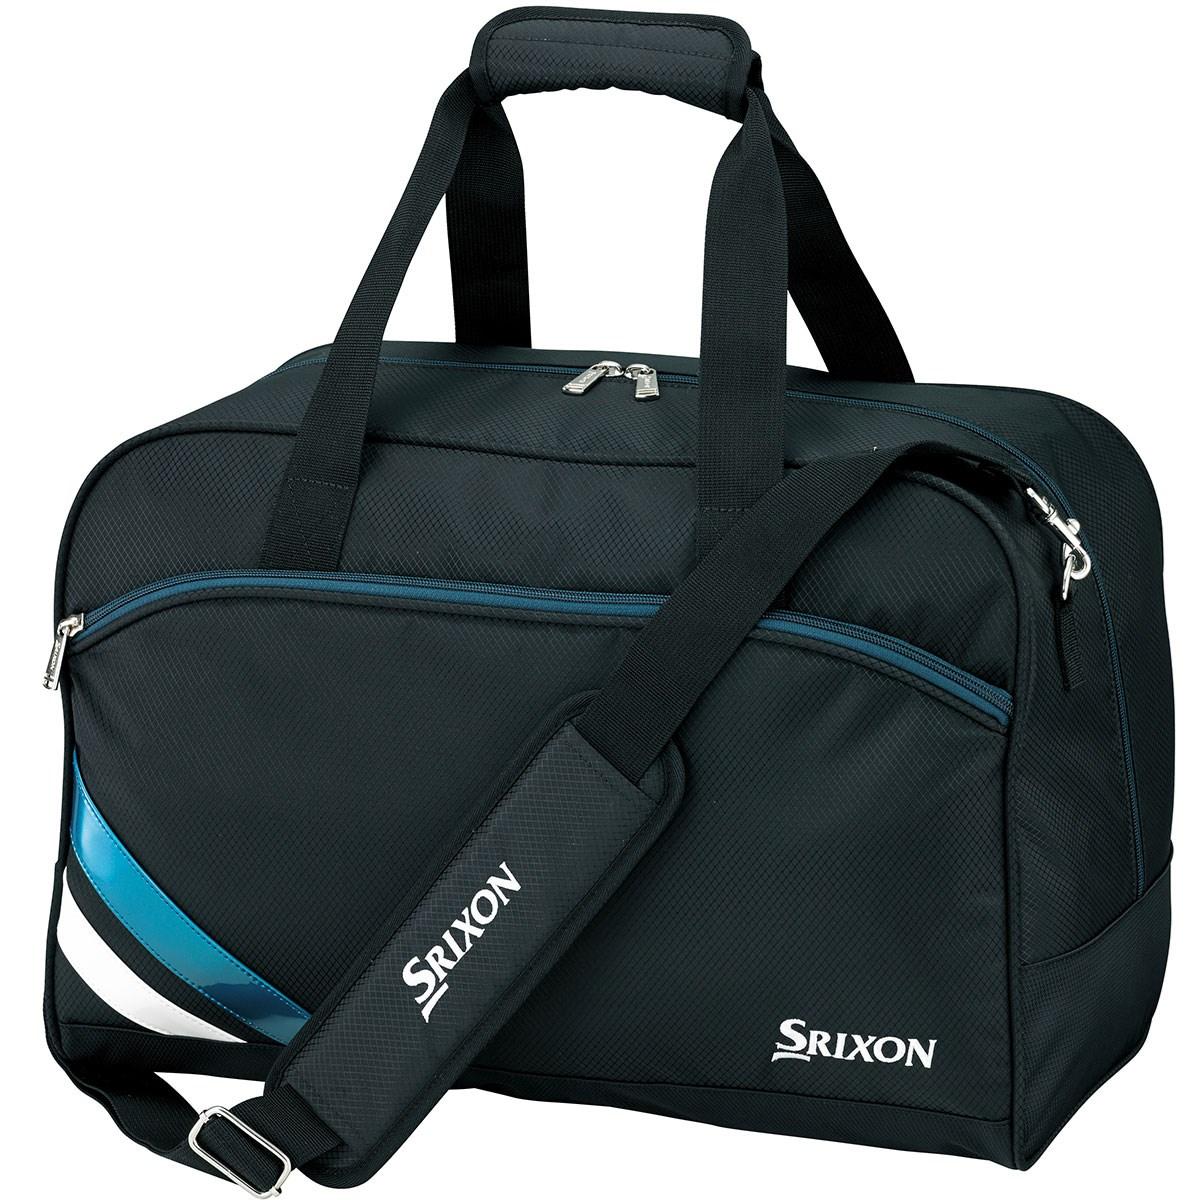 ダンロップ SRIXON スポーツバッグ ブラック/ブルー